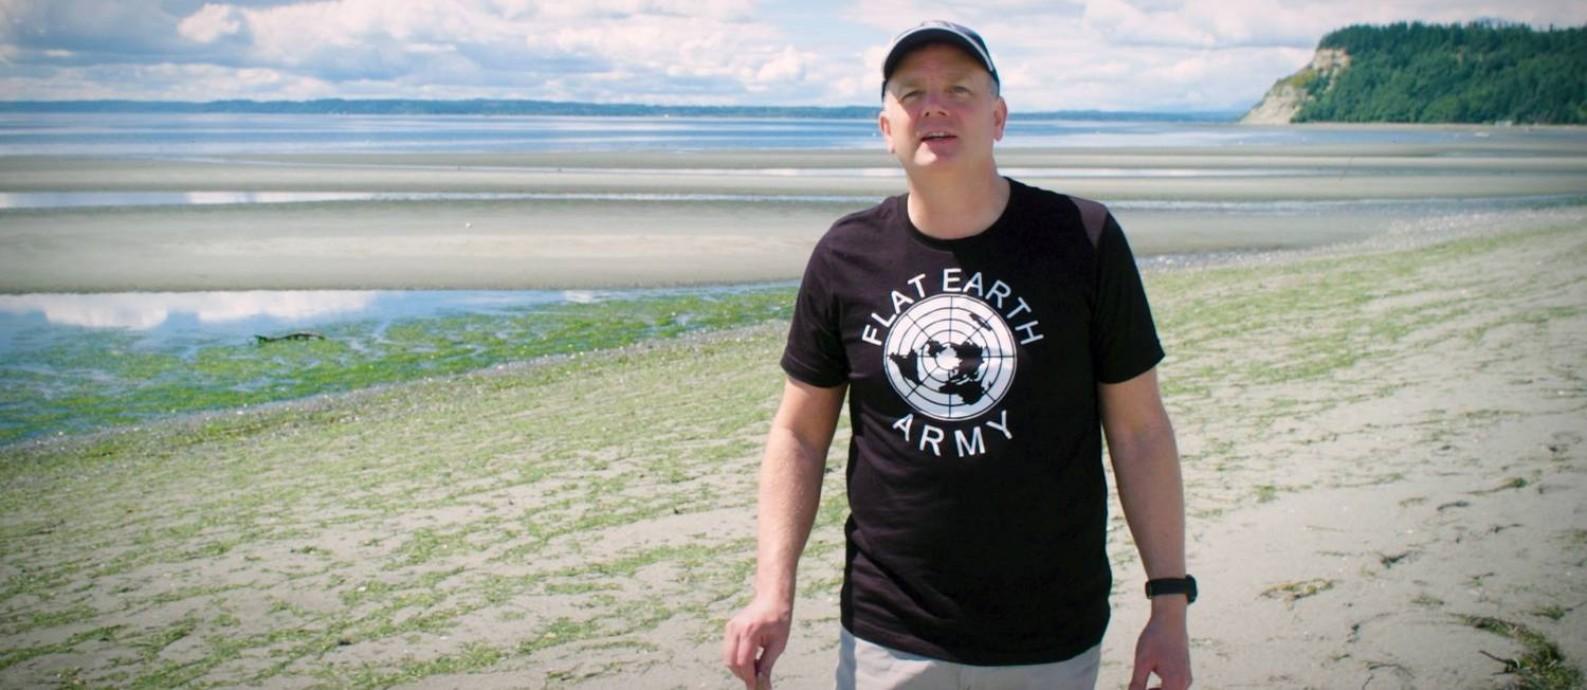 O terraplanista Mark Sargent no documentário 'A Terra é plana' Foto: Divulgação